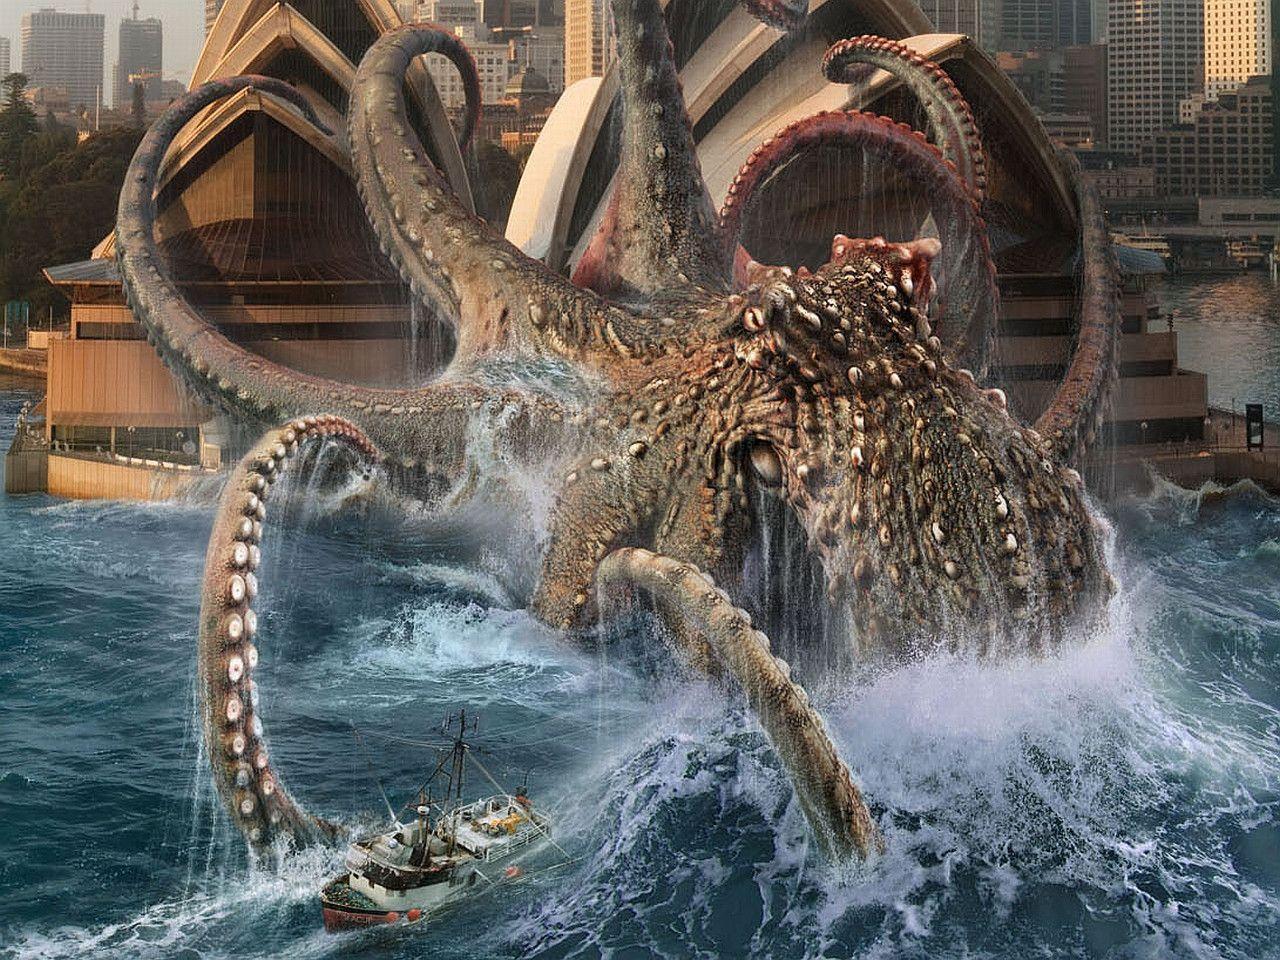 kraken wallpaper wallpapers jhonyvelascojpg - photo #14